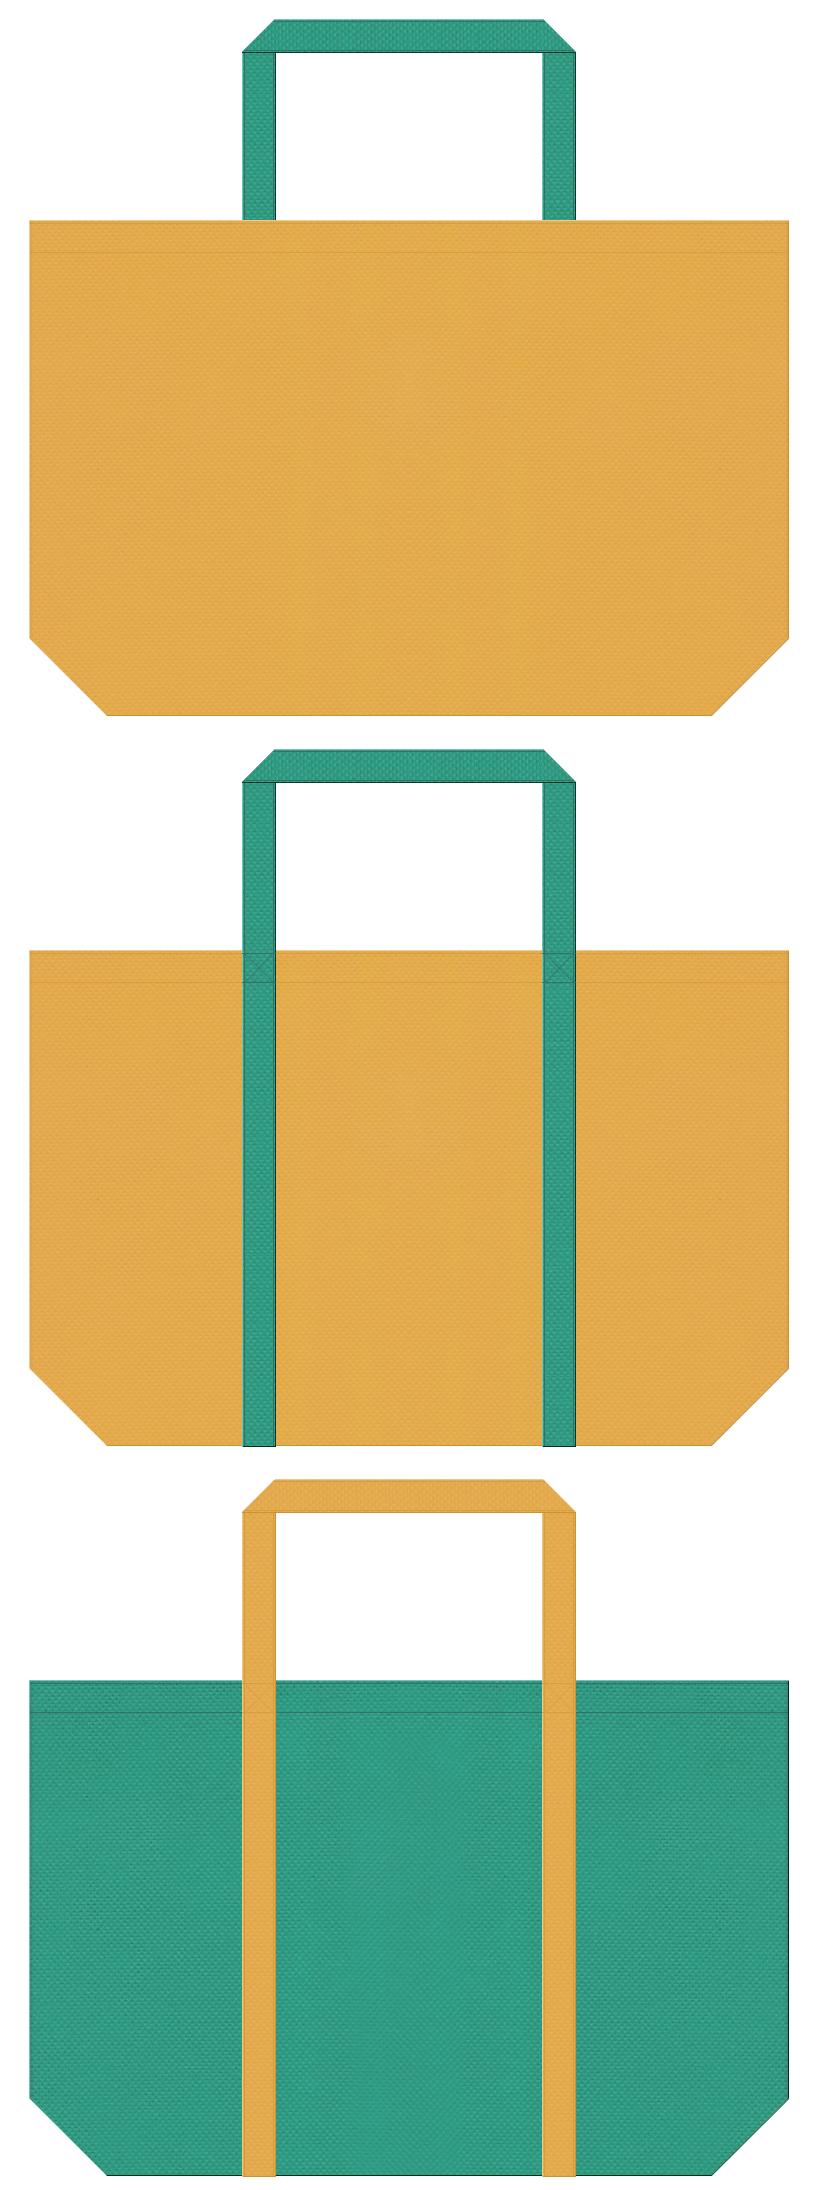 黄土色と青緑色の不織布ショッピングバッグデザイン。